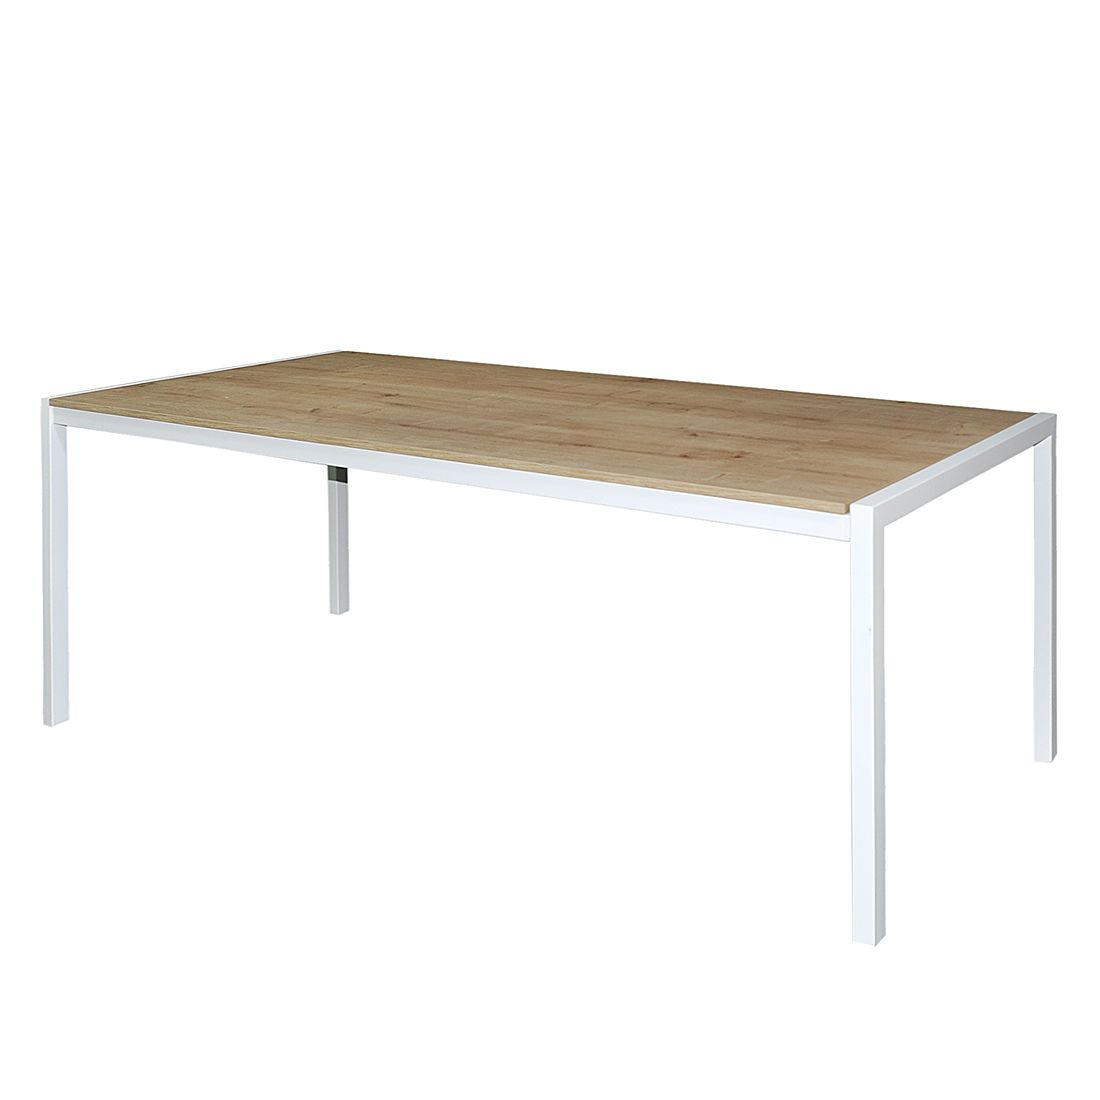 Schreibtisch ipuro wei eiche furnier 140 x 70 cm for Schreibtisch breite 70 cm